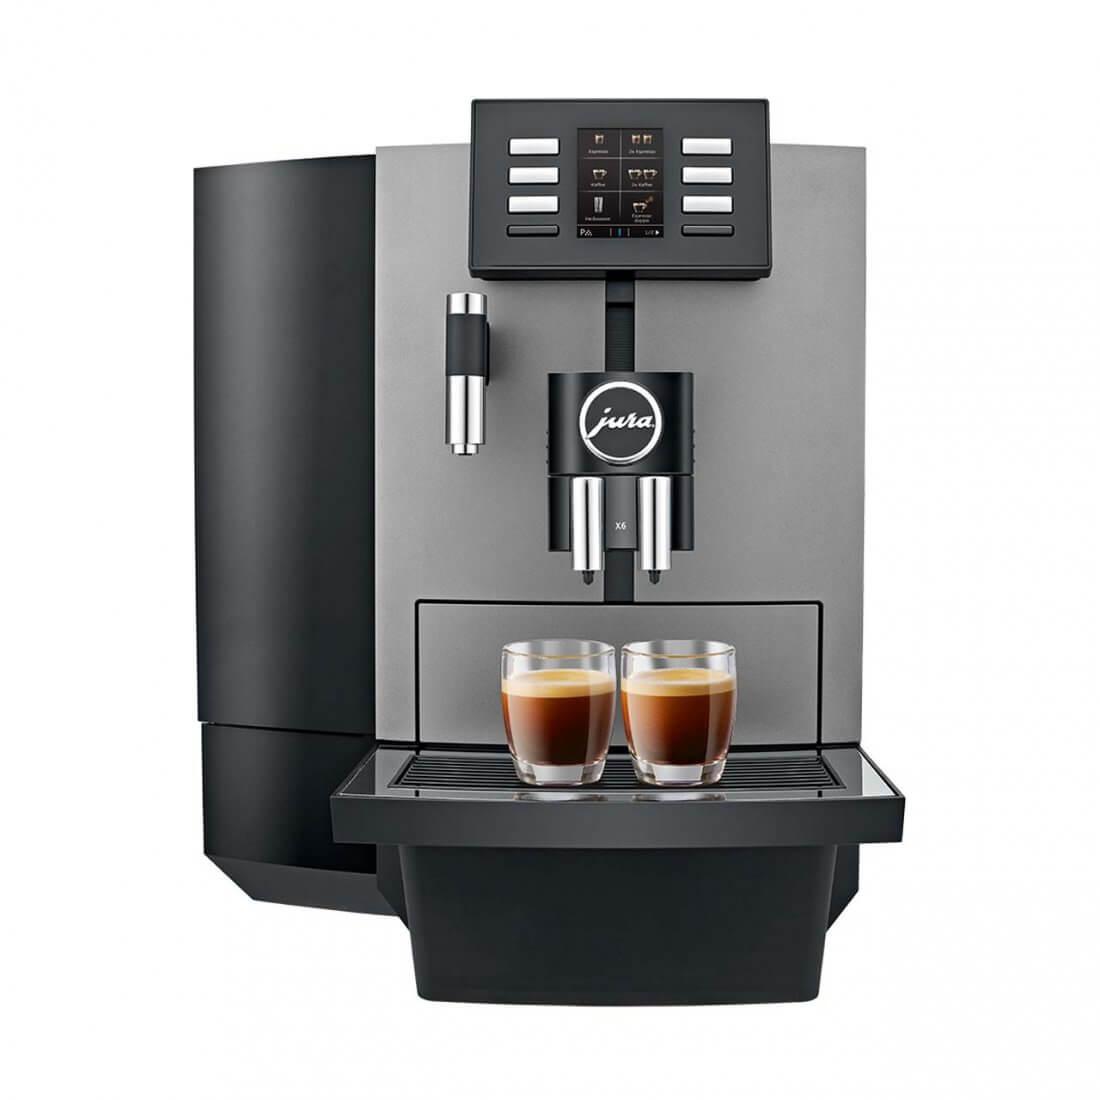 JURA X6: Der solide Schwarzkaffee- und Teewasser-Profi!